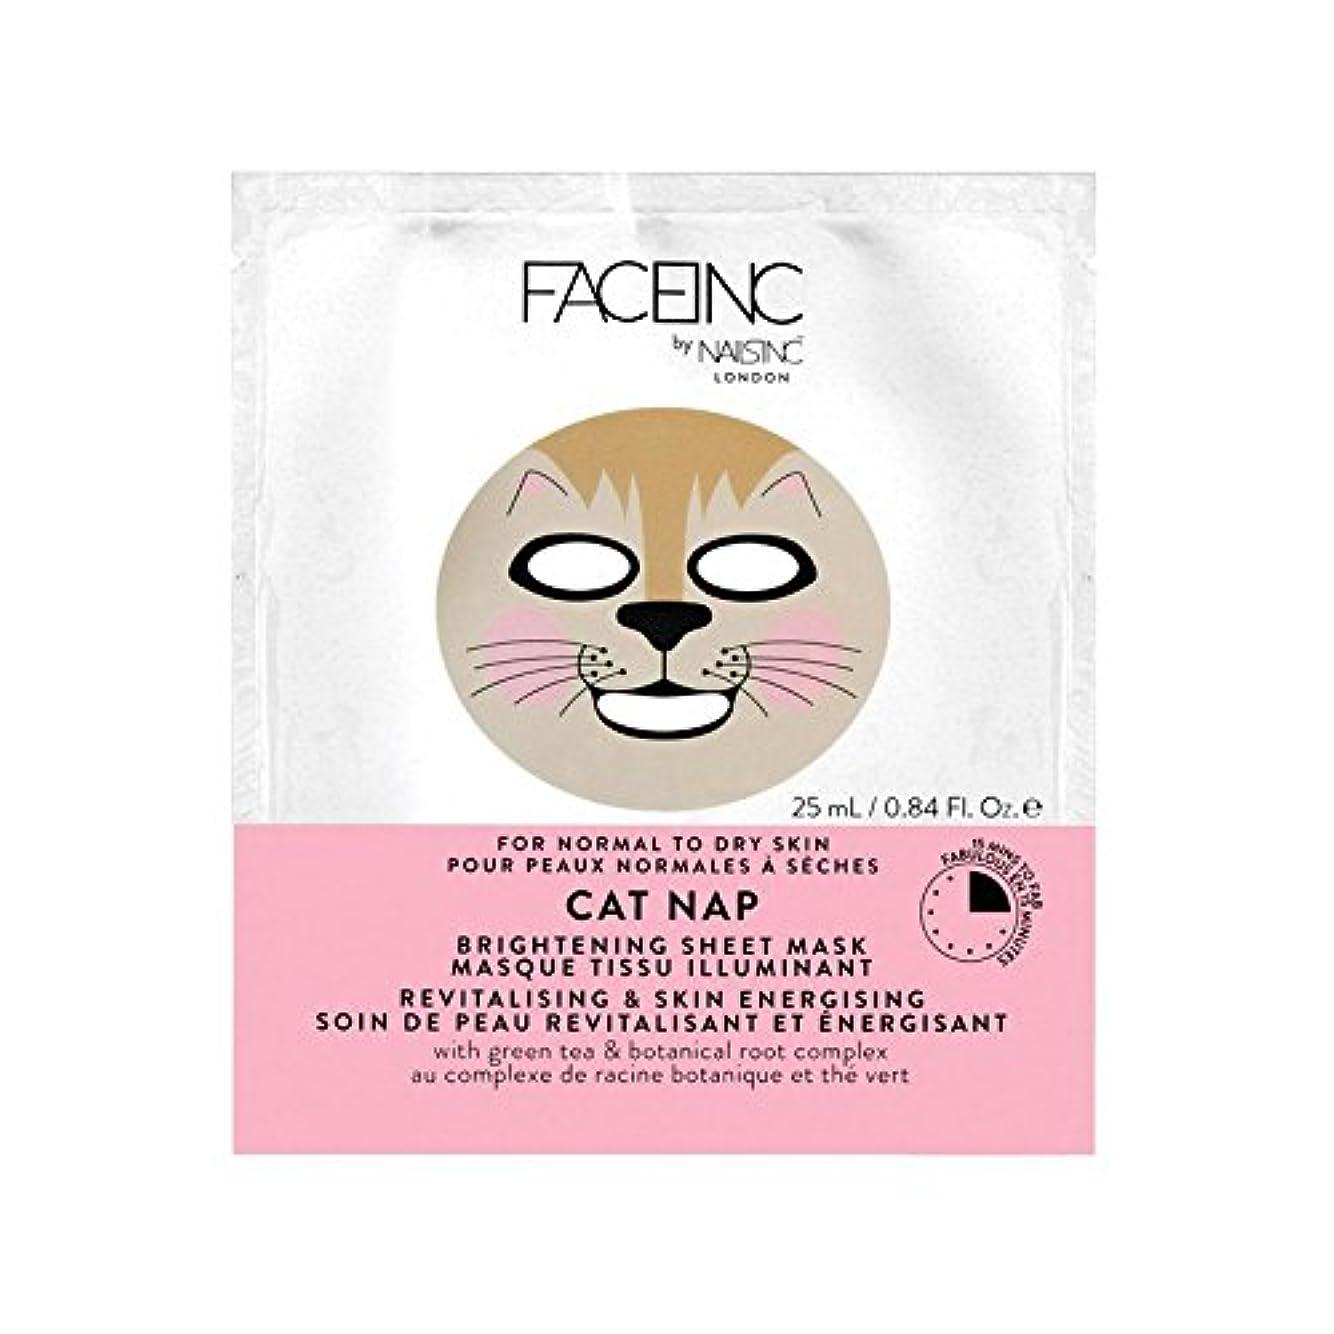 キャプテンメイエラ背が高い爪が株式会社顔猫の昼寝用マスク x2 - Nails Inc. Face Inc Cat Nap Mask (Pack of 2) [並行輸入品]